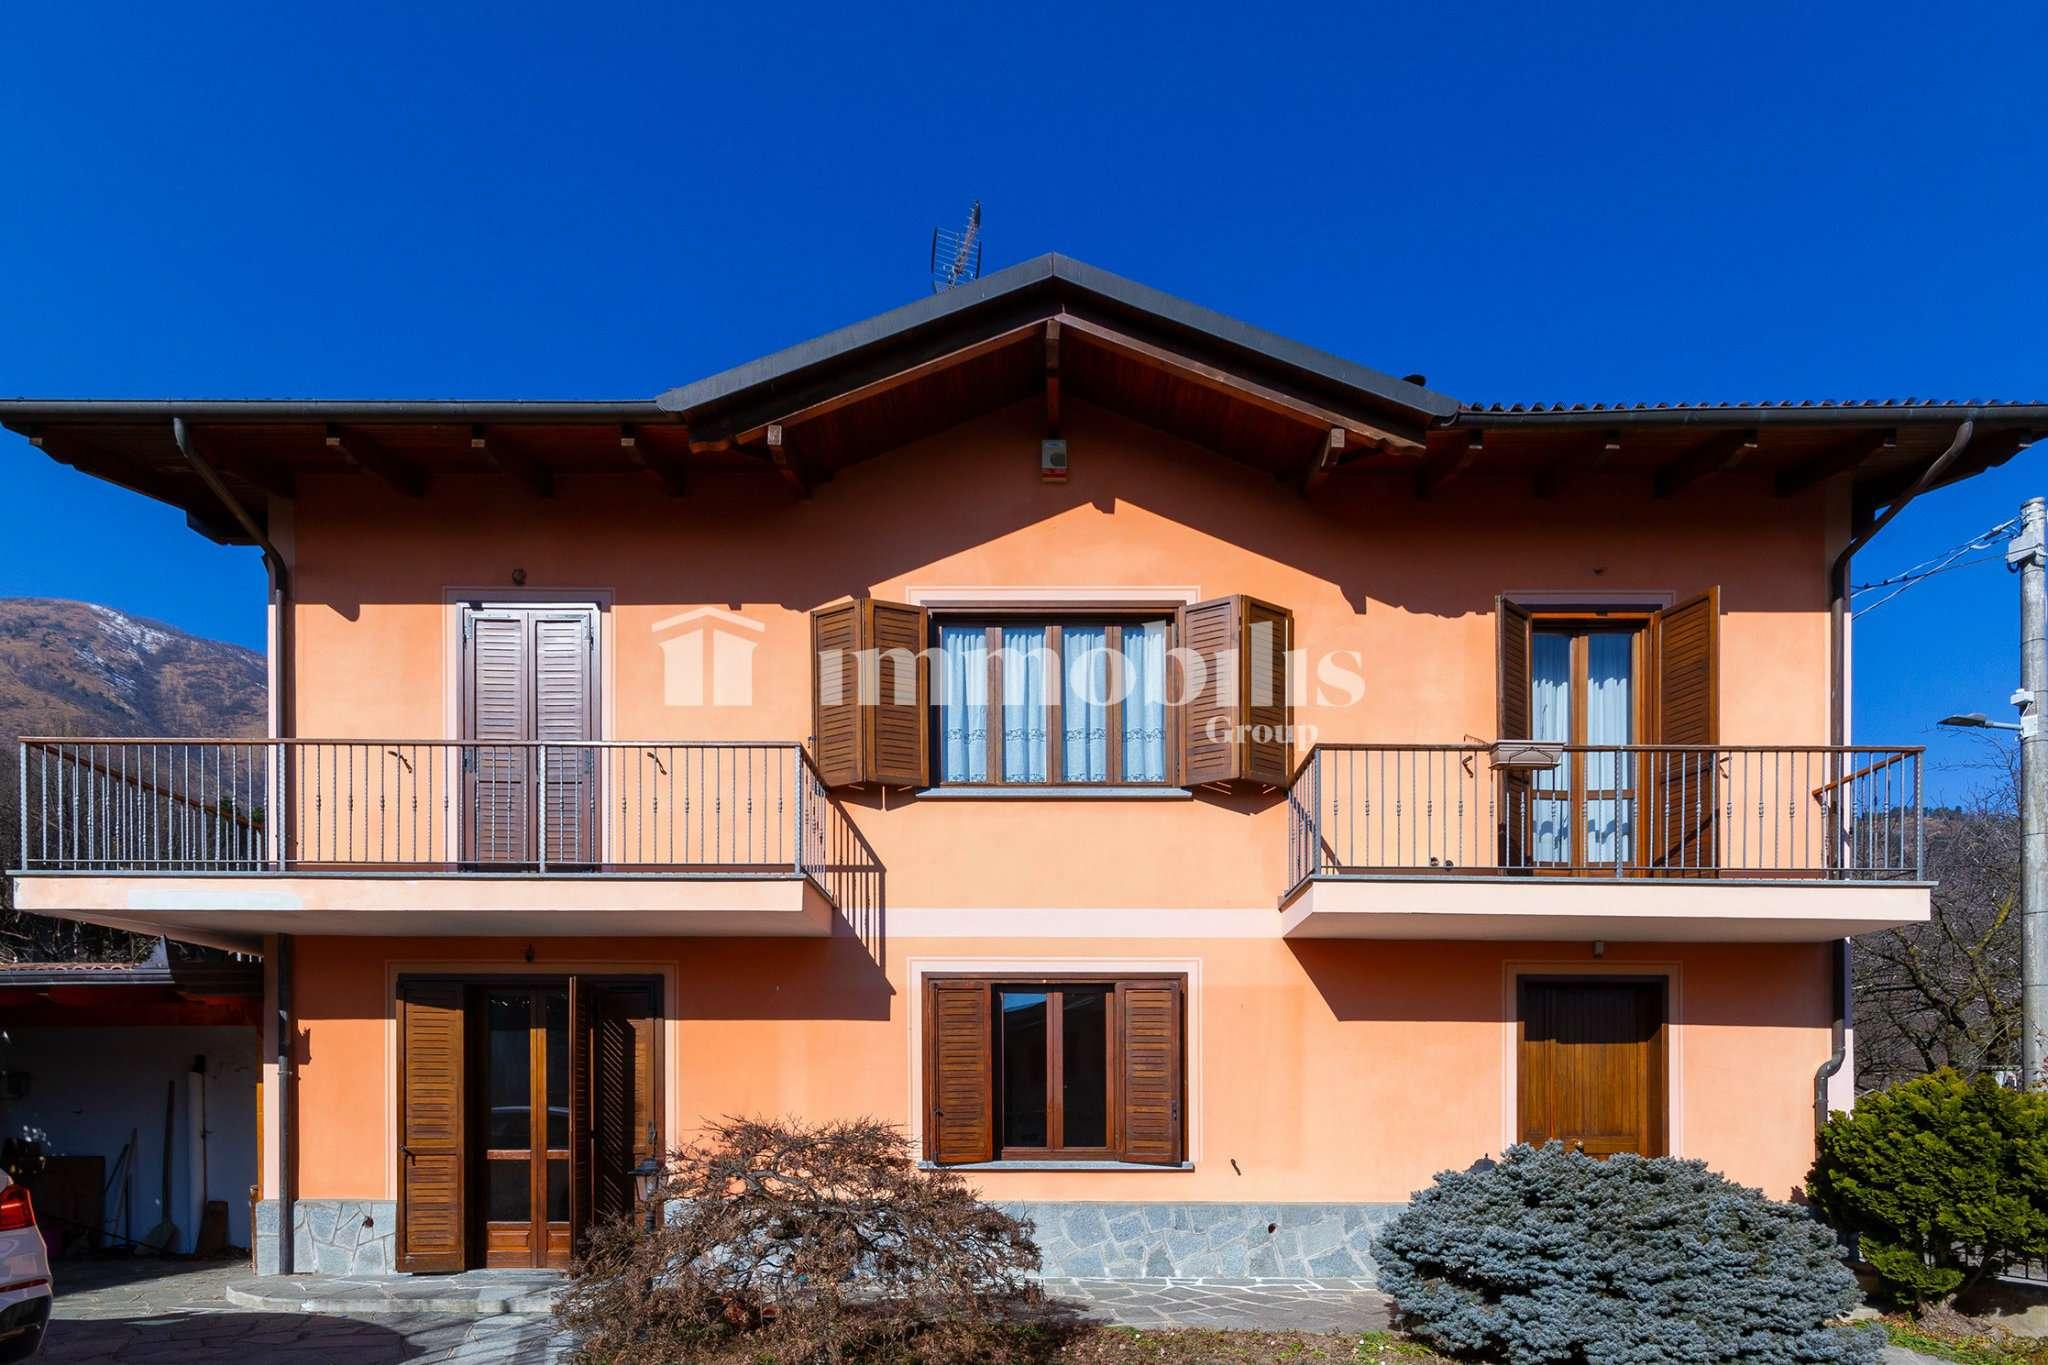 Foto 1 di Casa indipendente via Borgonuovo  49, Givoletto